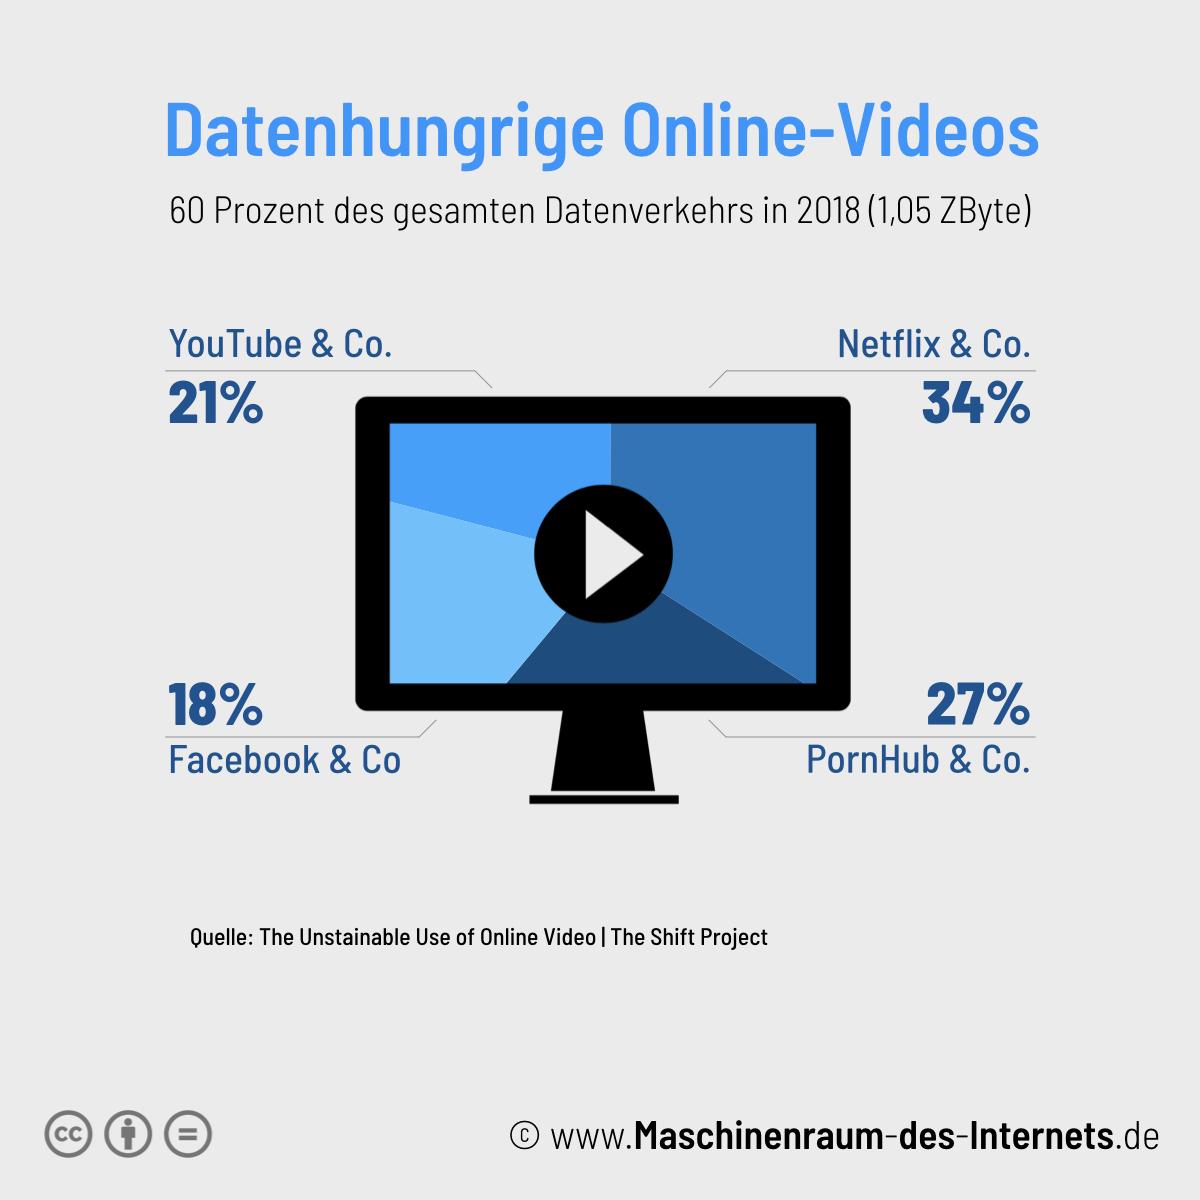 Maschinenraum des Internets ++ Datenhungrige Online-Videos 2018